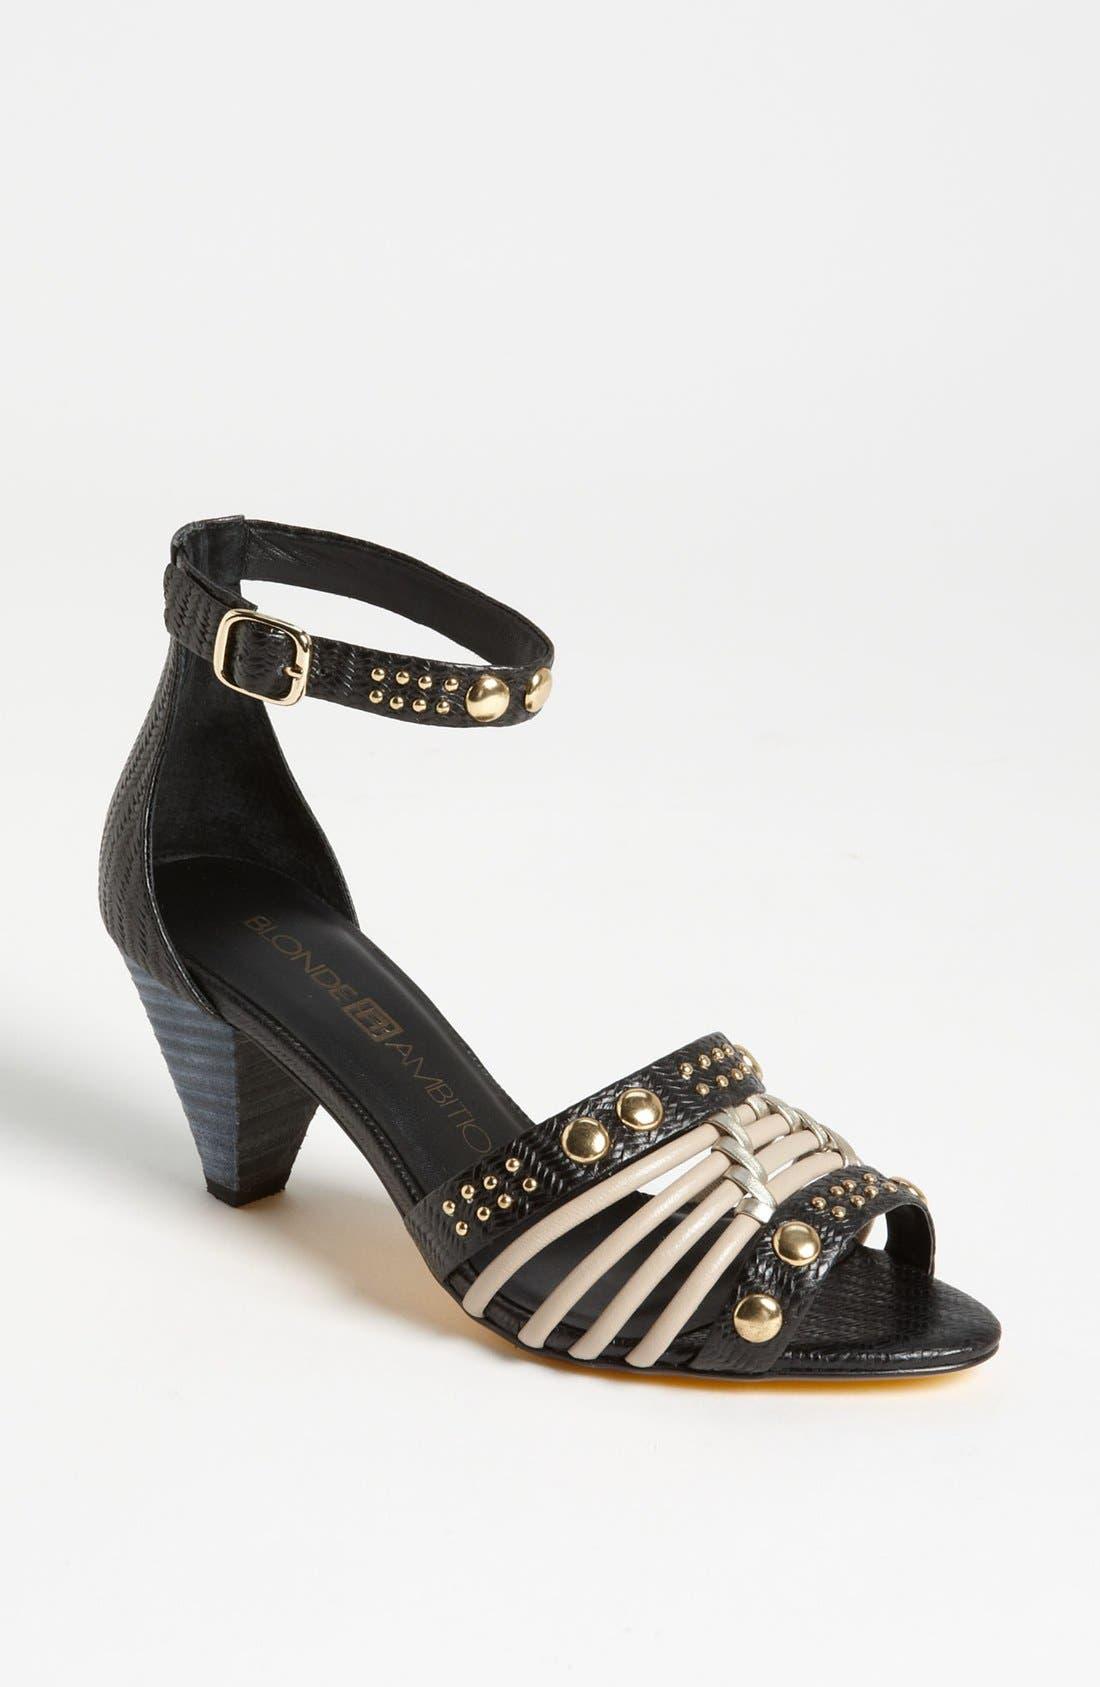 Alternate Image 1 Selected - Blonde Ambition 'Sobra' Sandal